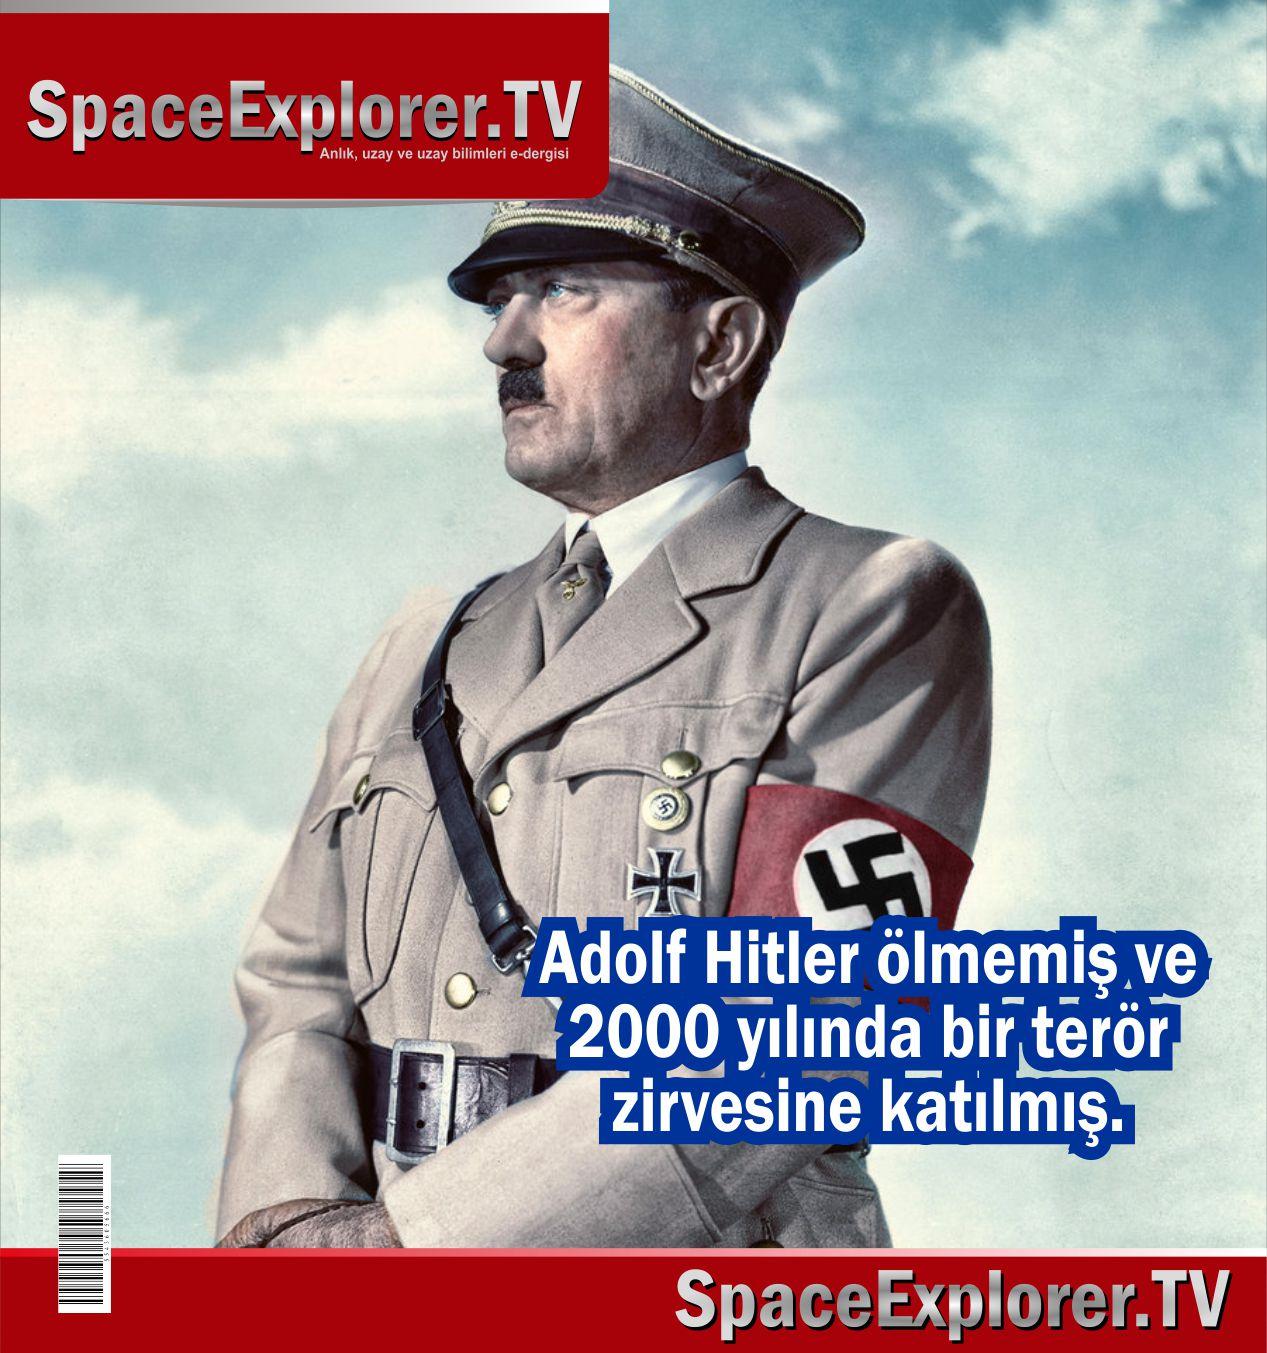 Adolf Hitler, Gizlenen gerçekler, Nazi Almanya'sı, Nazi UFO'ları, Nazi uzay araştırmaları,